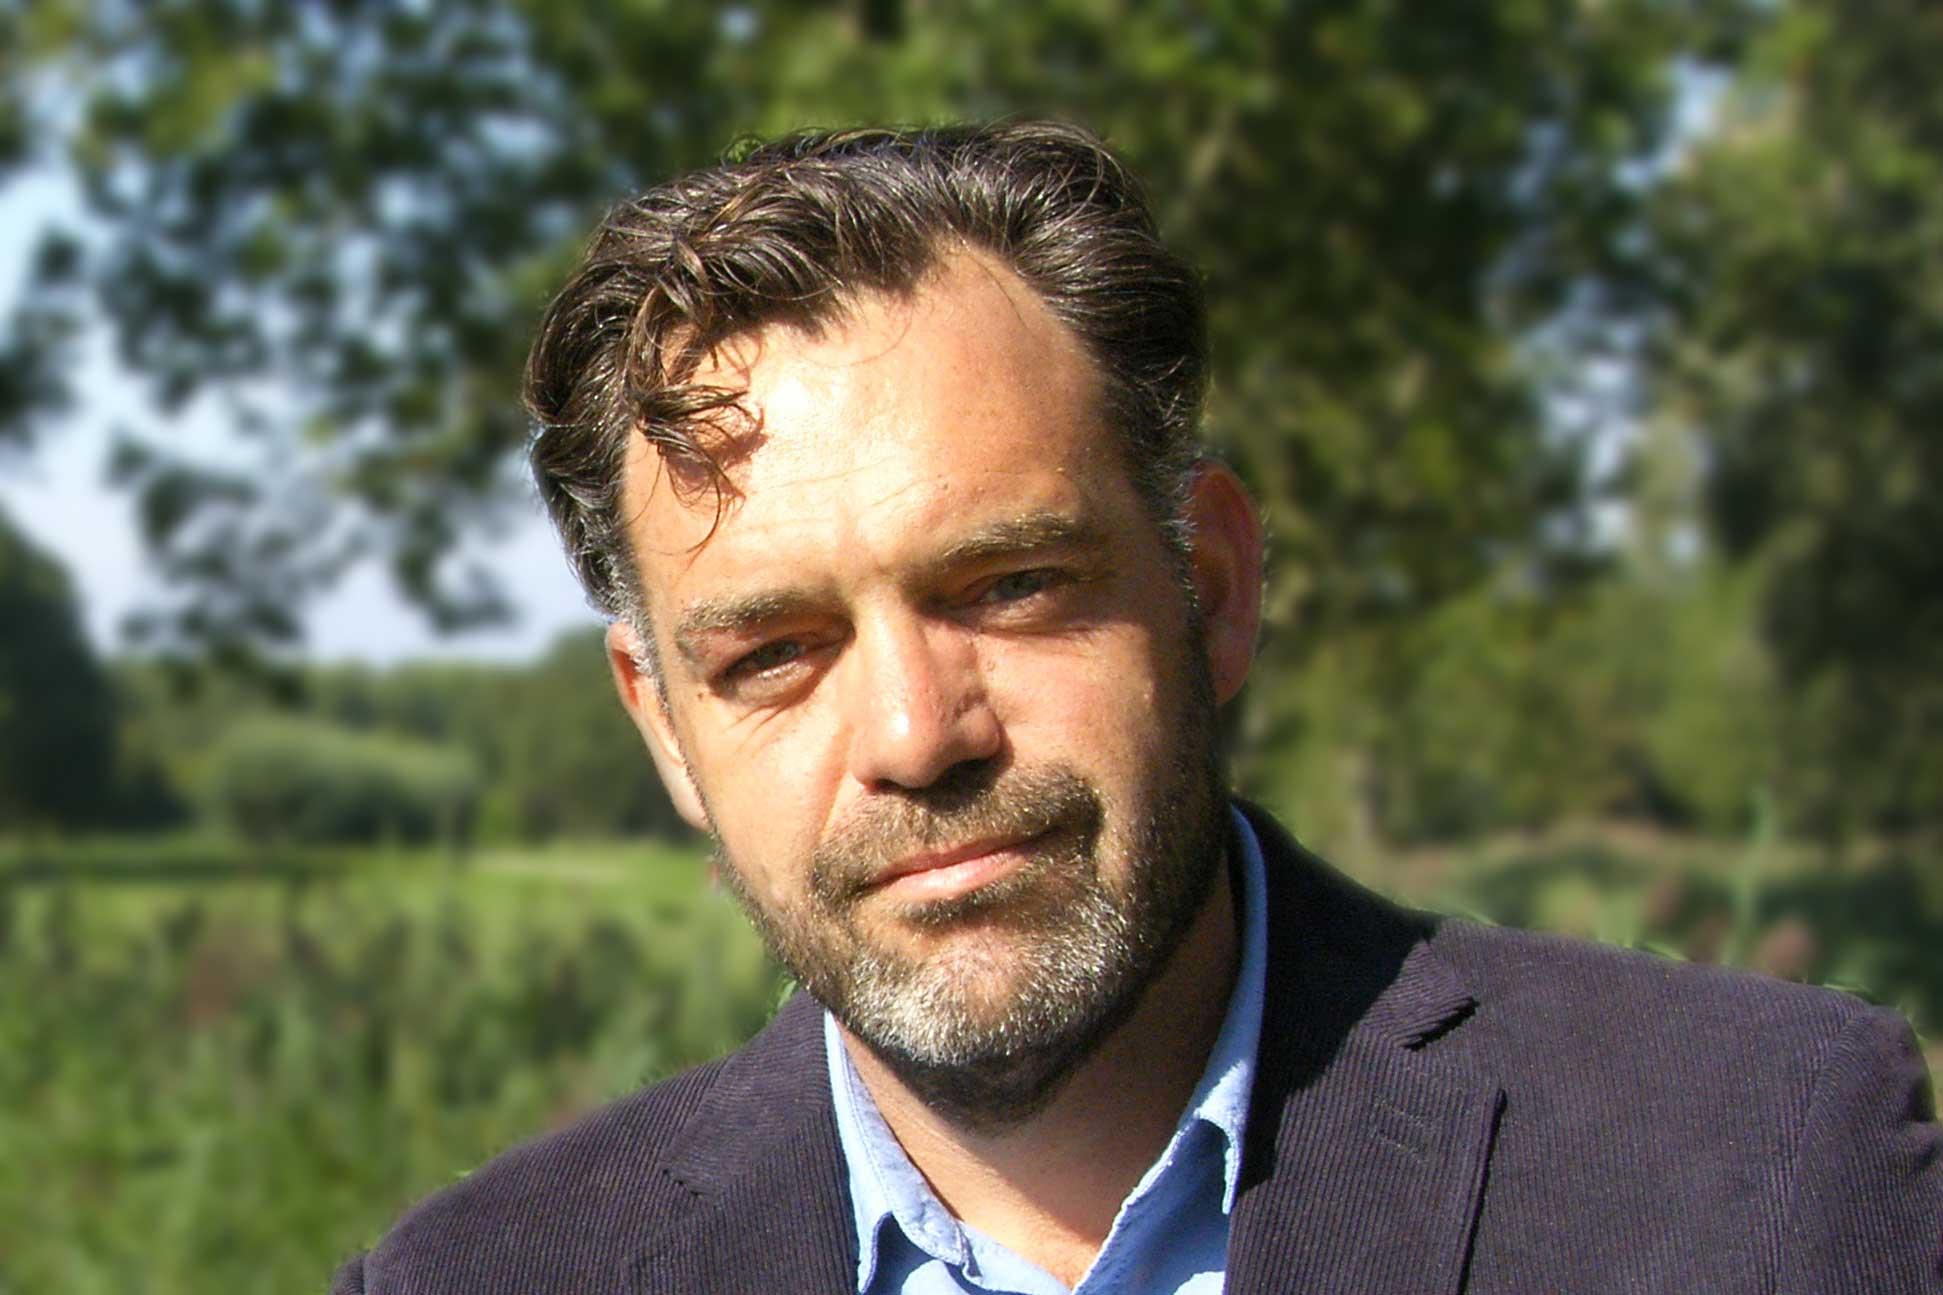 Arjo Bunnik